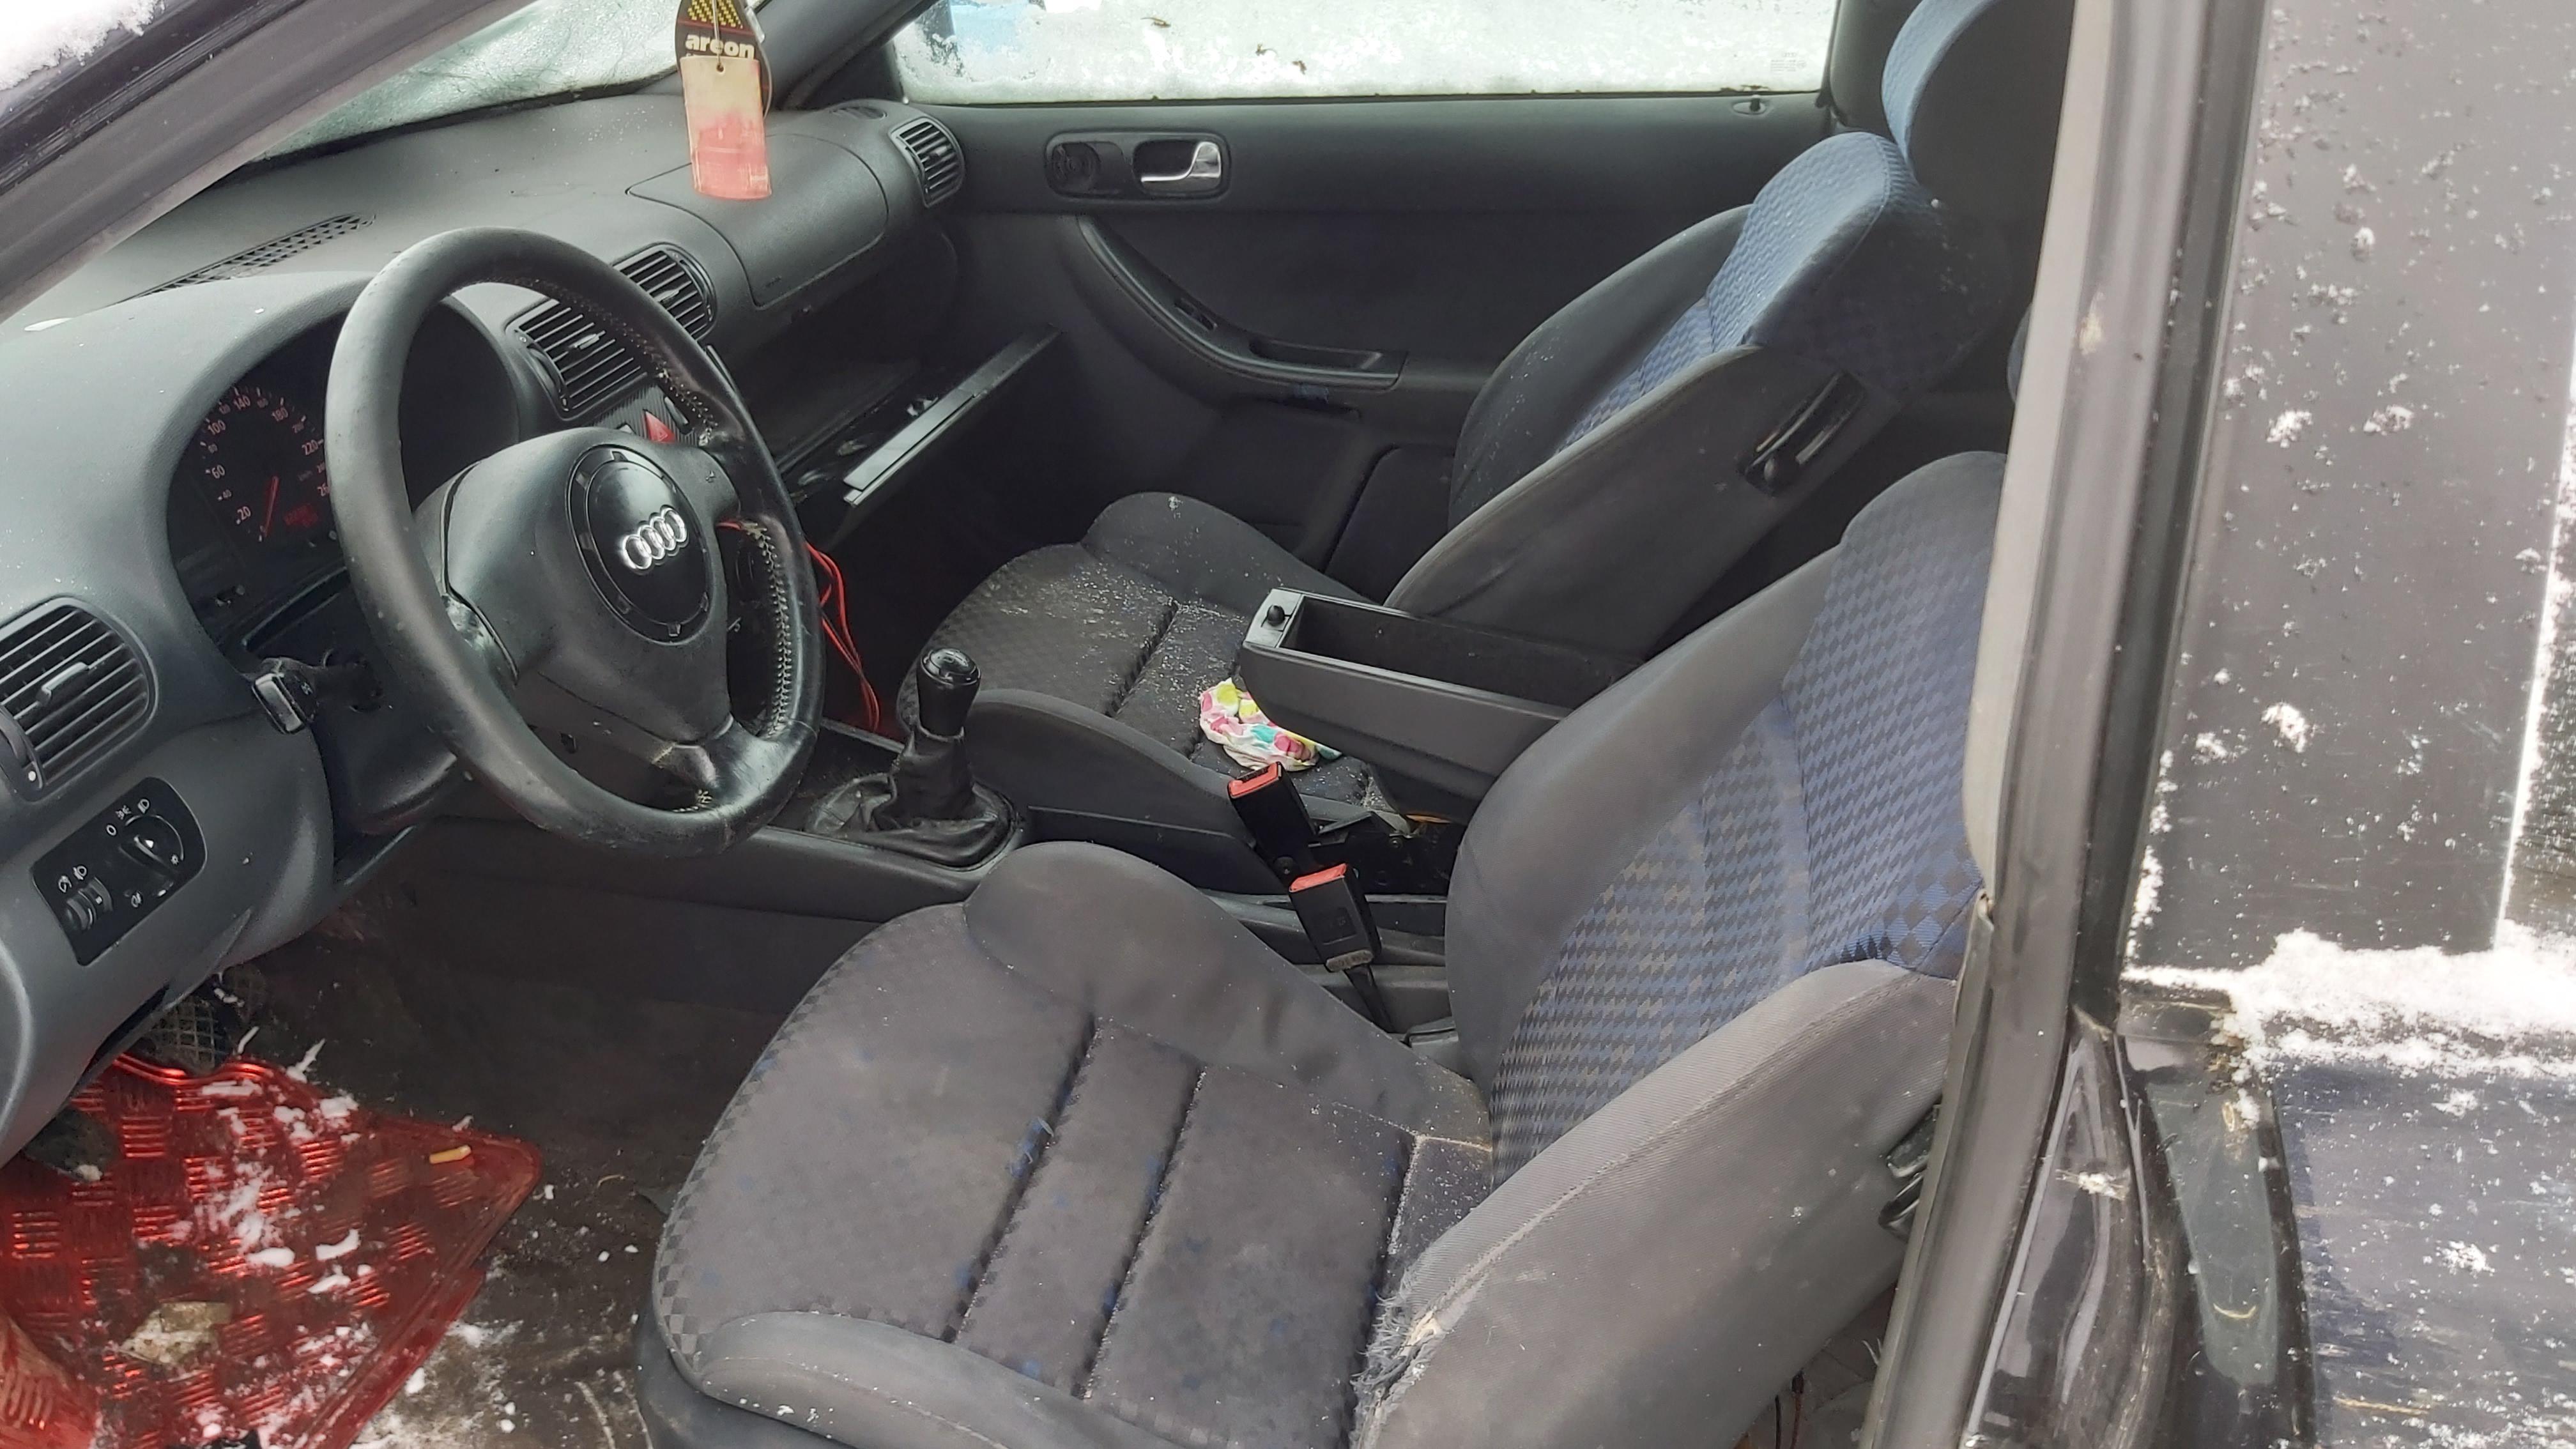 Подержанные Автозапчасти Foto 3 Audi A3 1999 1.8 машиностроение хэтчбэк 2/3 d. синий 2021-1-12 A6028